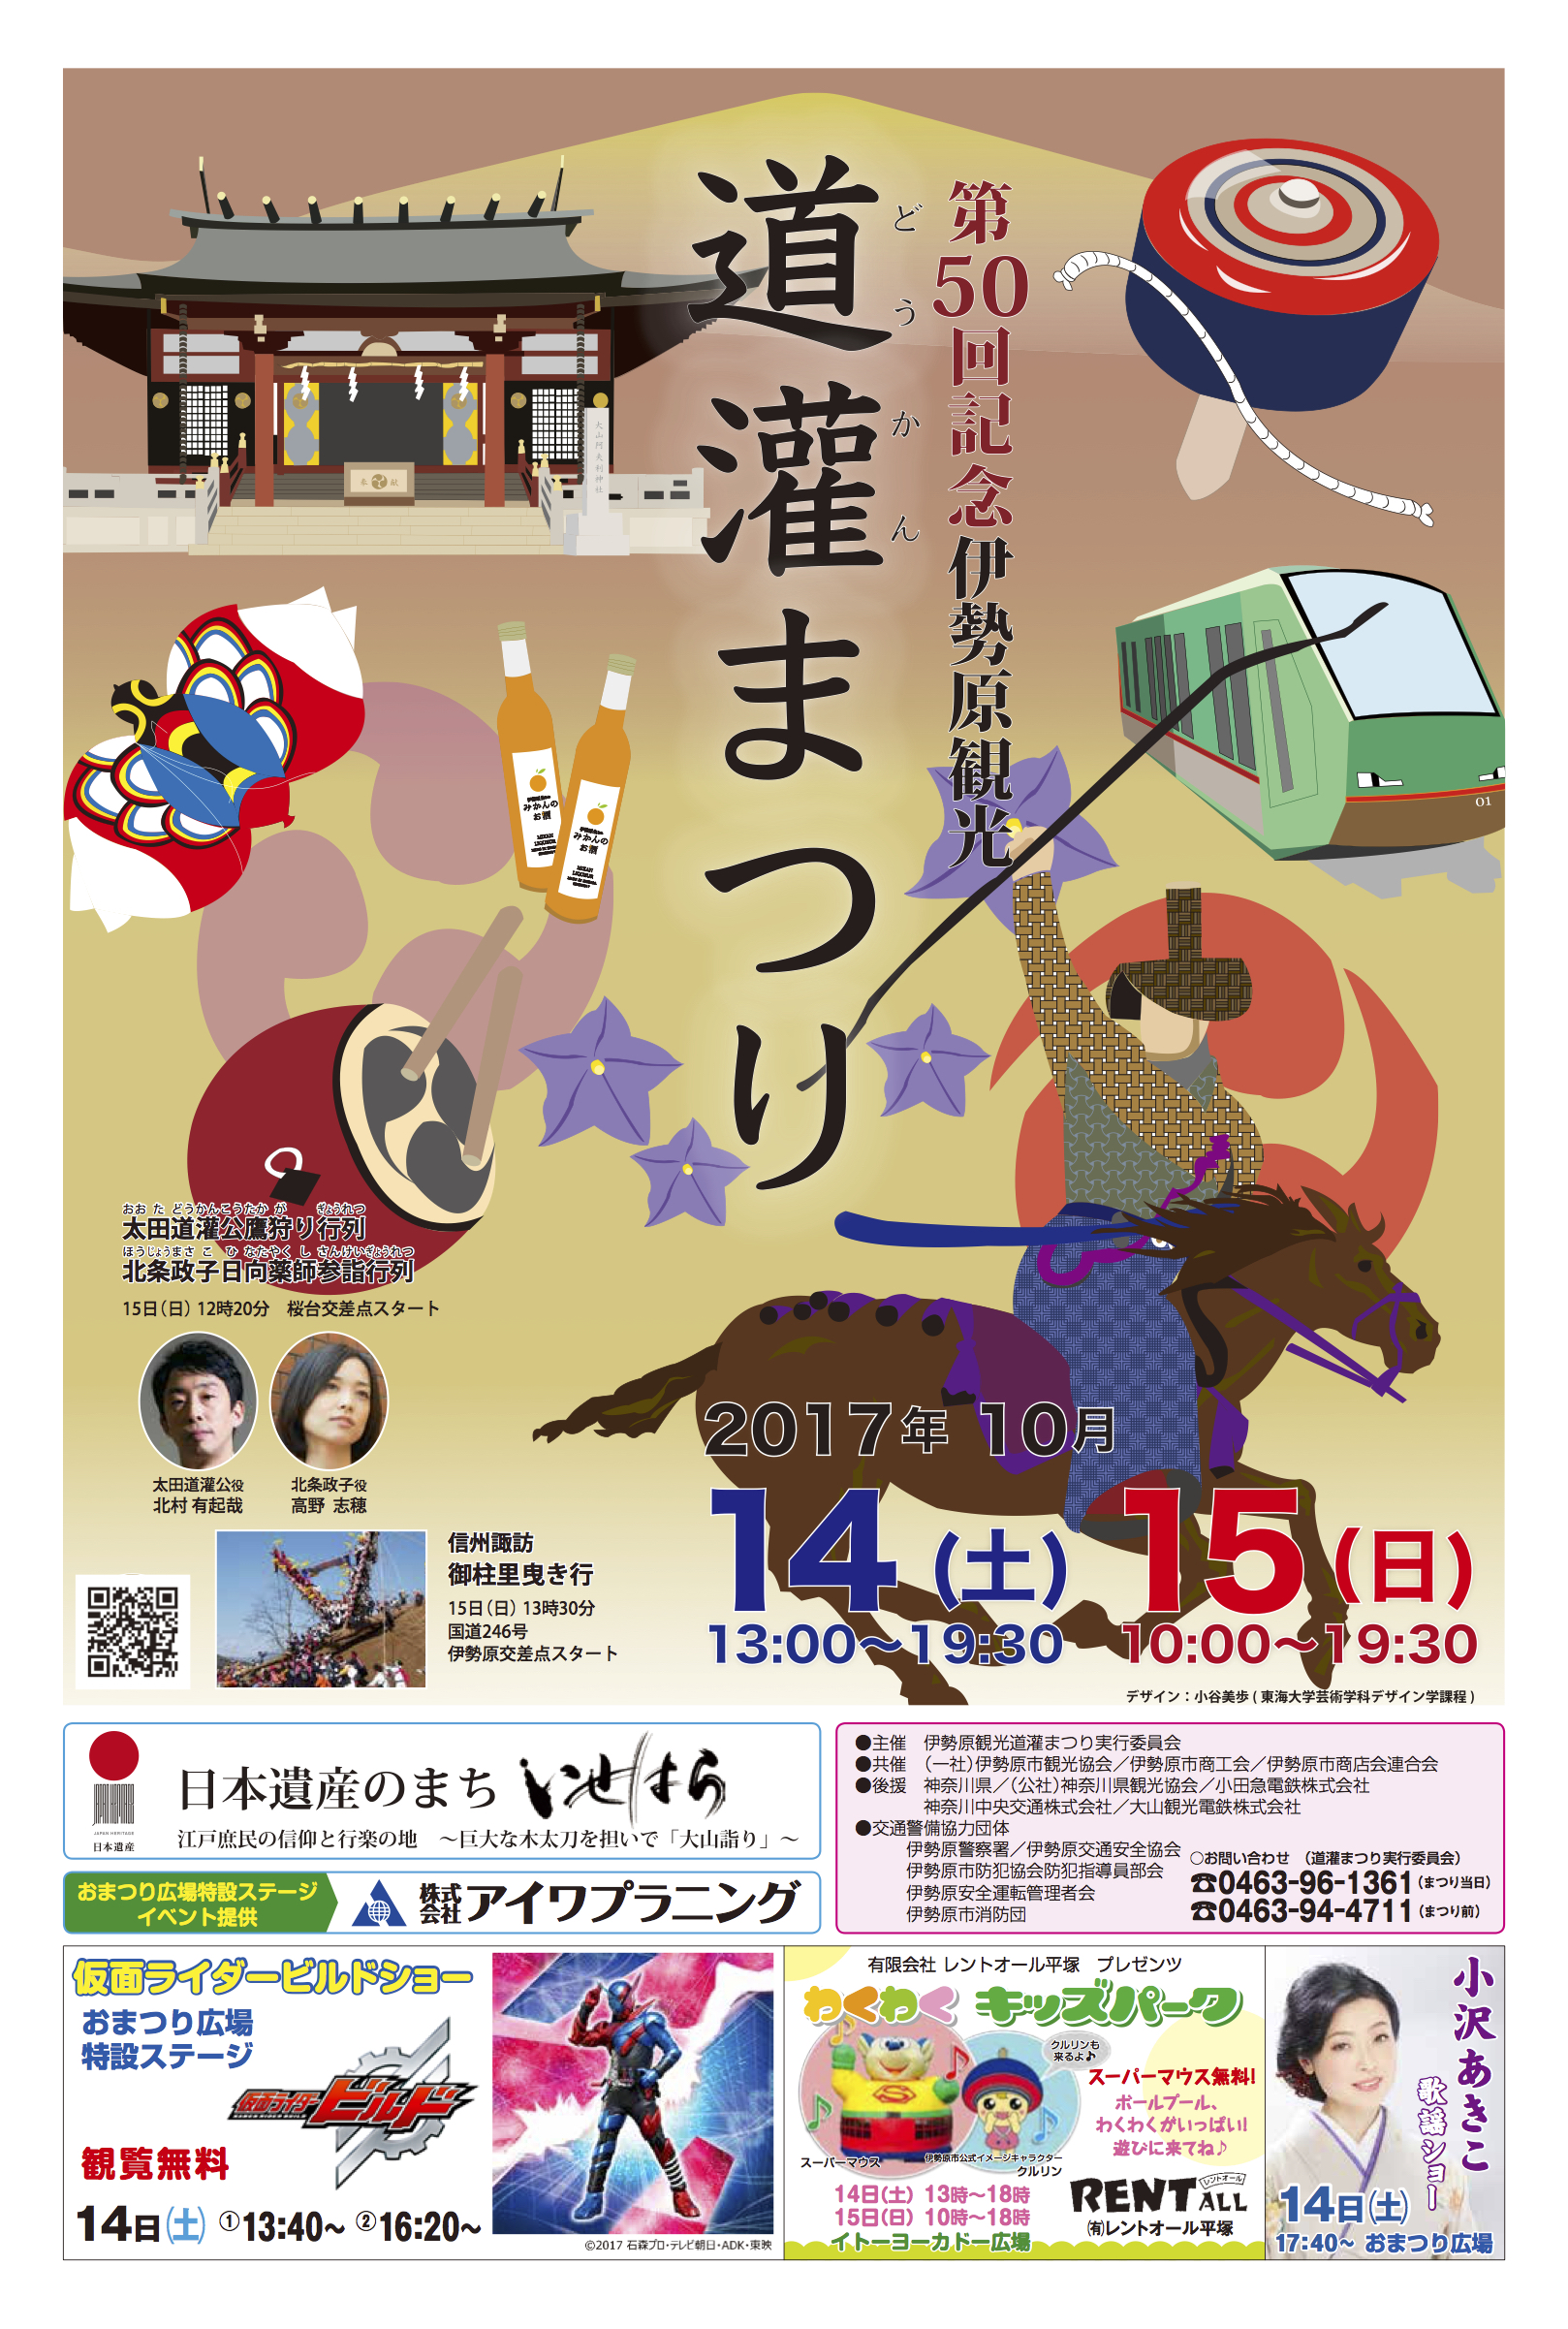 タイムカプセルは「第50回記念伊勢原観光道灌まつり」に協賛いたします。